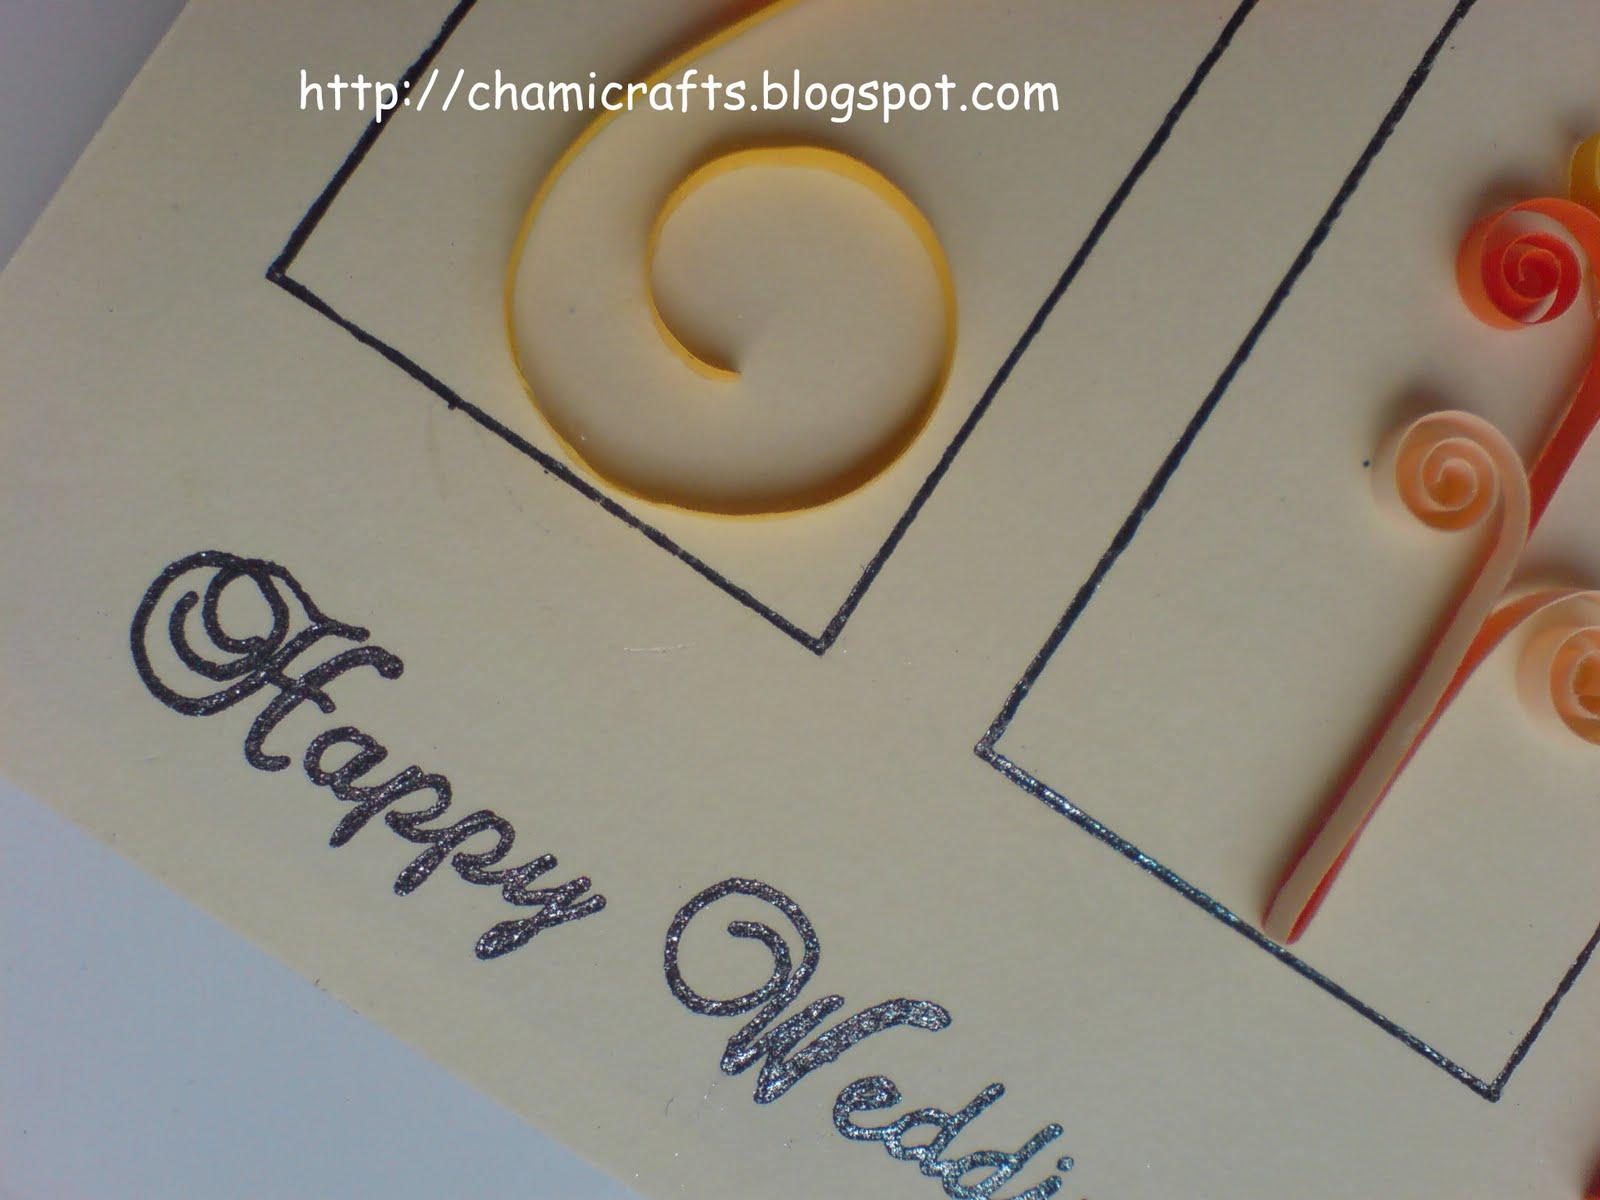 Chami crafts handmade greeting cards may